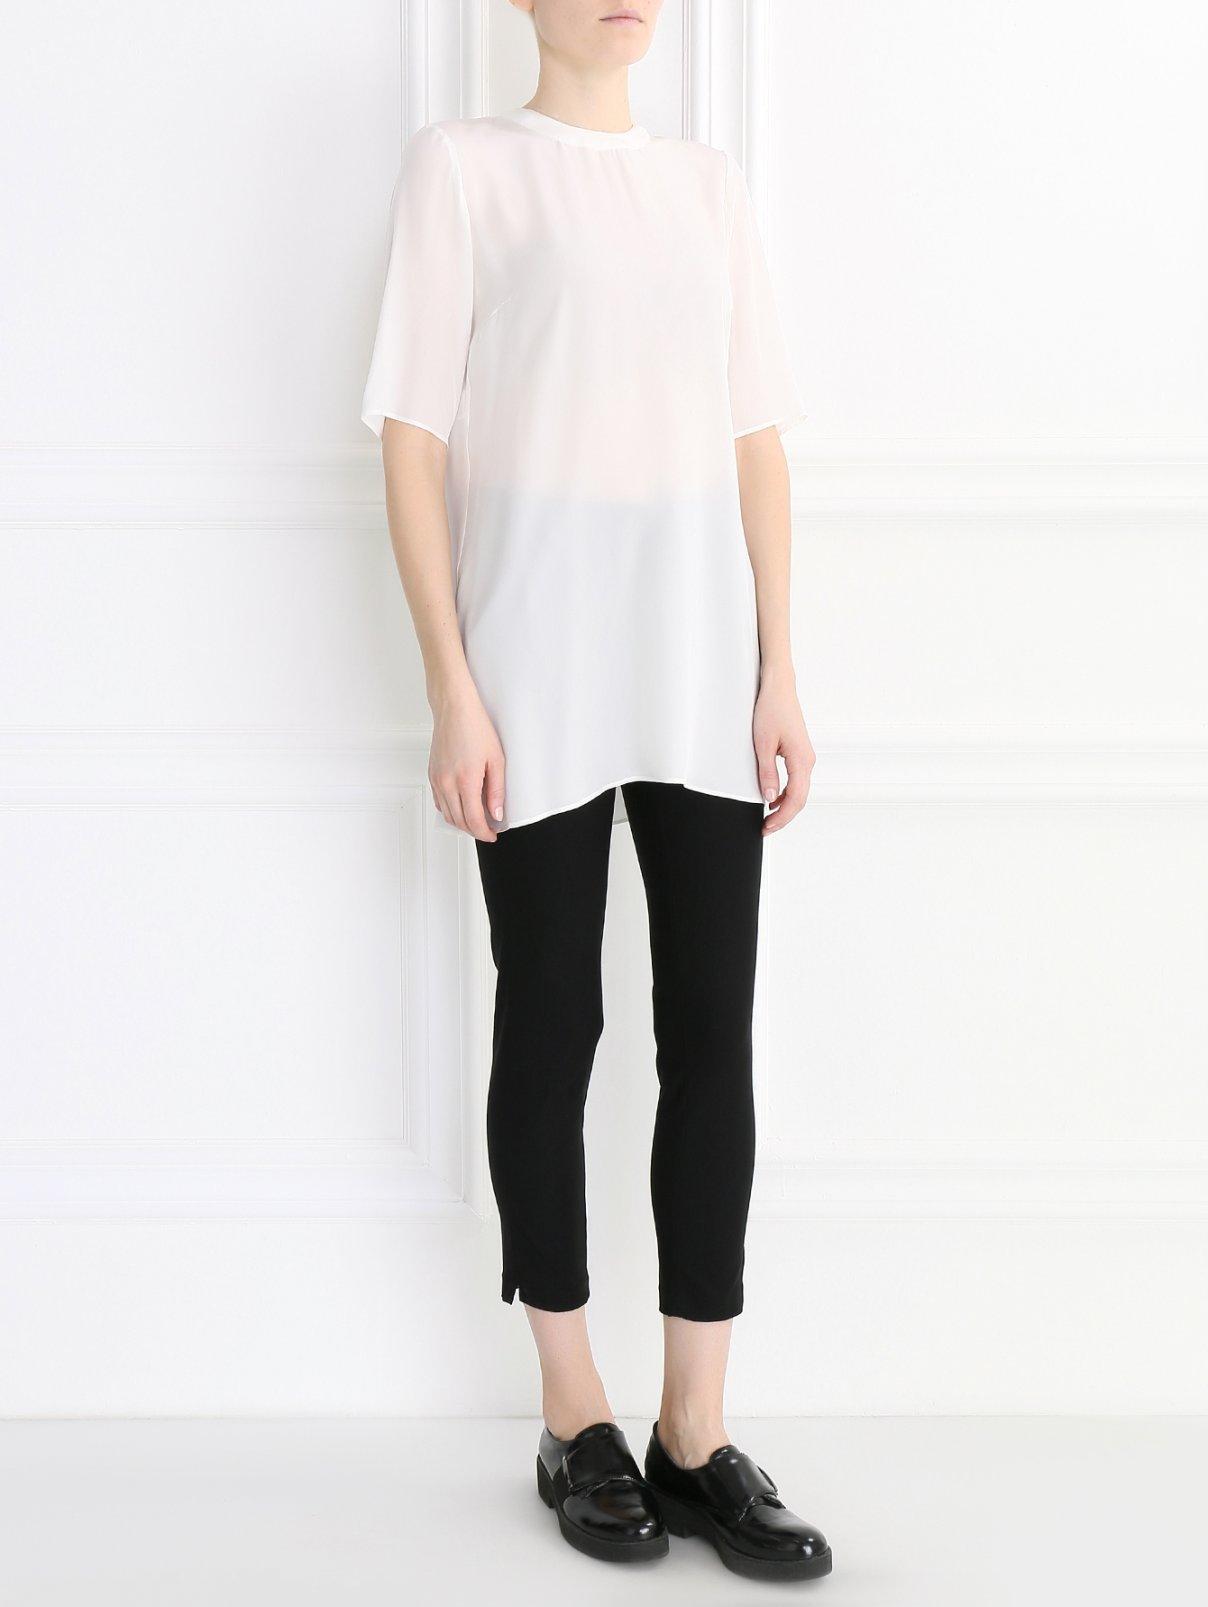 Туника из шелка с декоративной отделкой Rossella Jardini  –  Модель Общий вид  – Цвет:  Белый